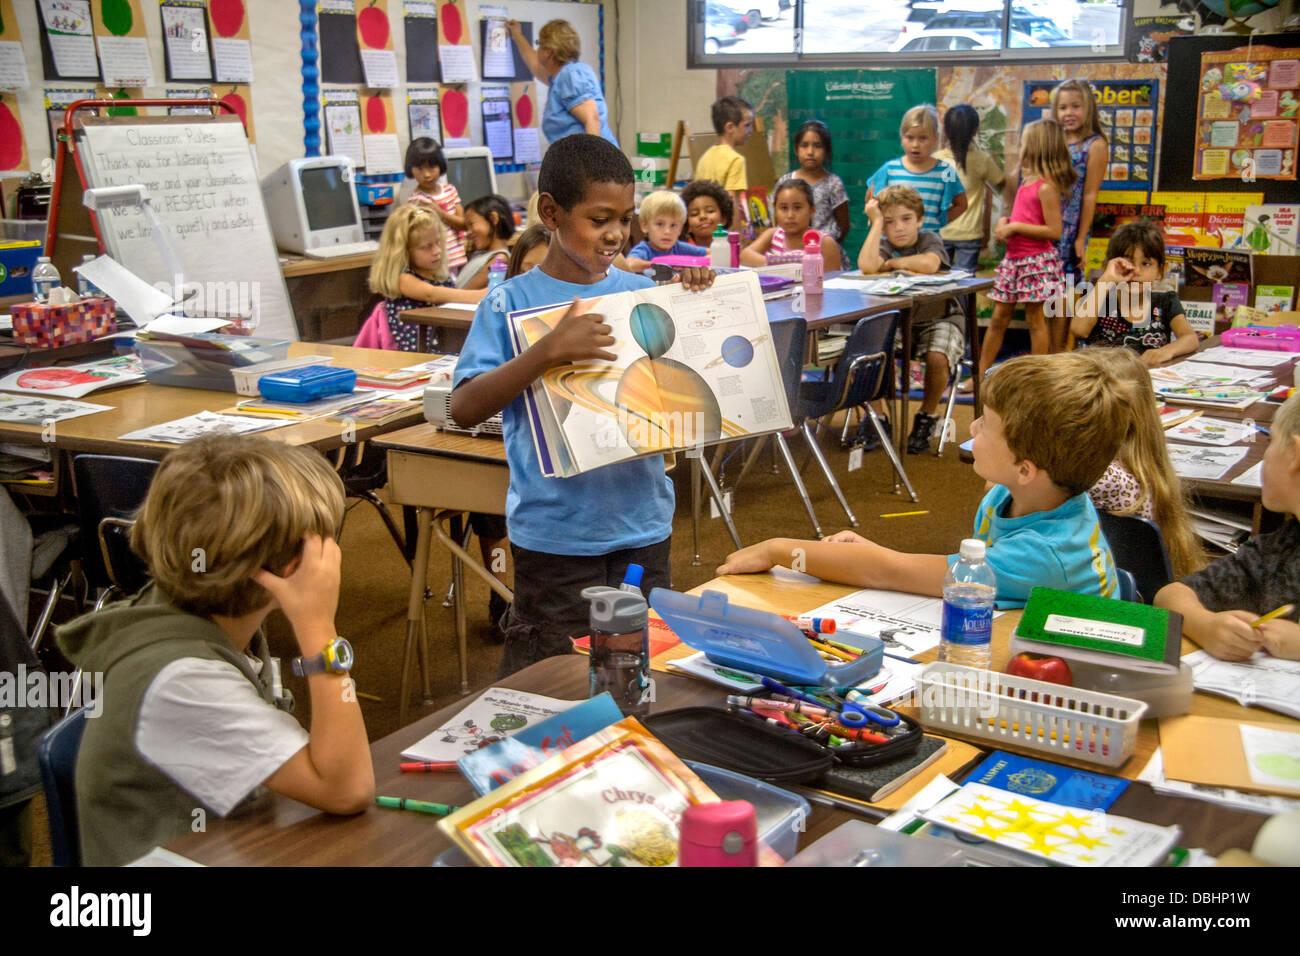 Eine afrikanische amerikanische elementare Schuljunge verwendet eine illustrierte Astronomie-Buch, das Sonnensystem Stockbild